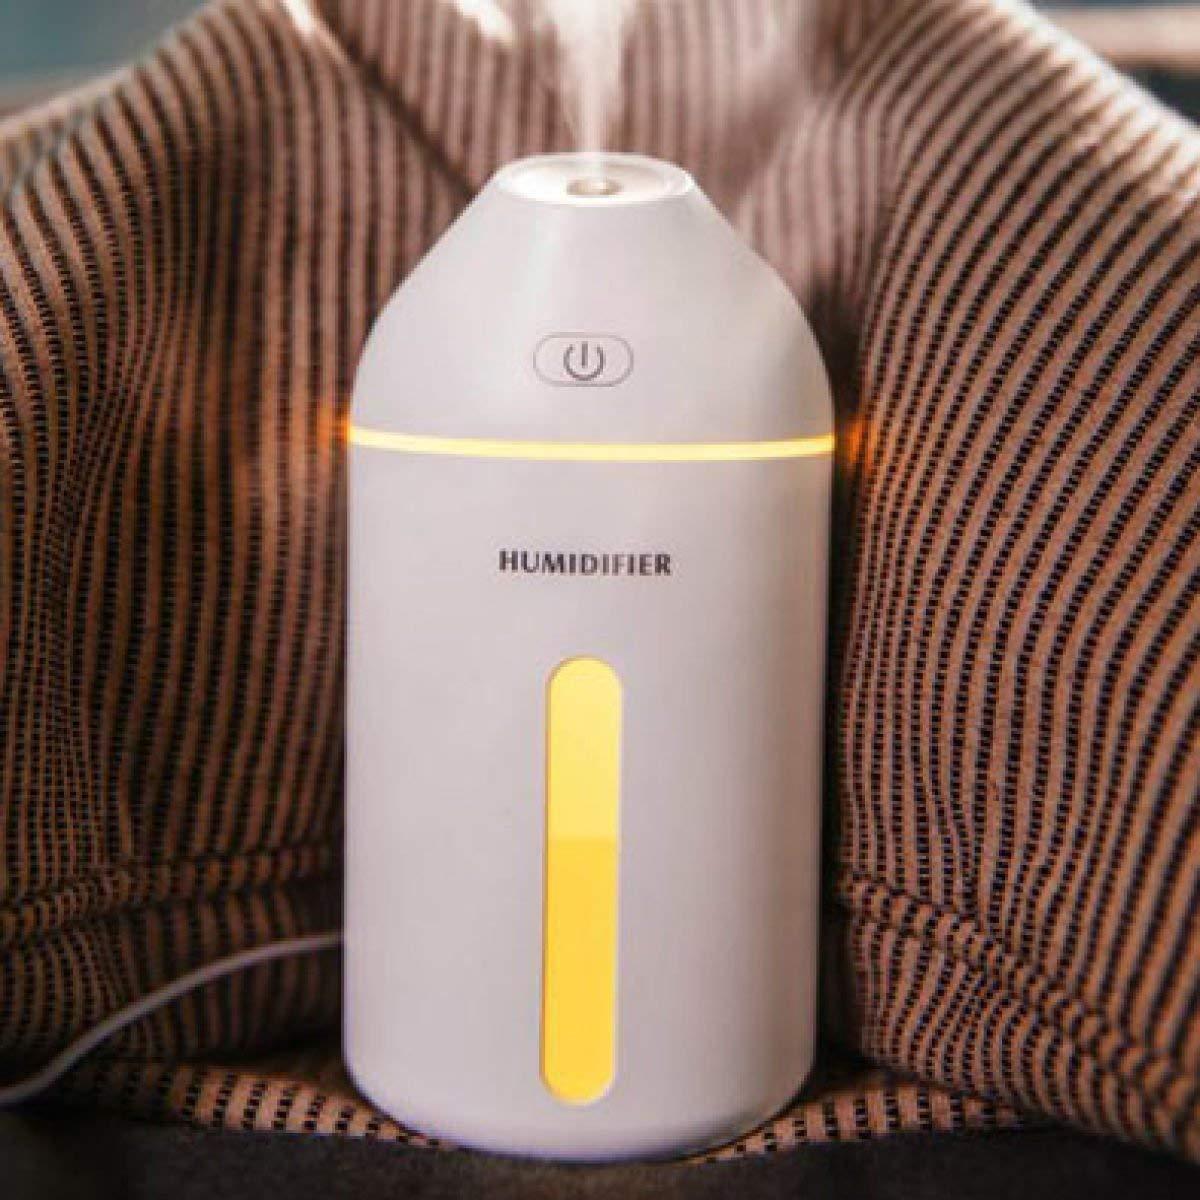 アロマディフューザーUSB車のアロマセラピーマシンホームオフィスの加湿器の加湿器ポータブルホームミュートあなたの空気補充スプレー、ブルー - 320ML (色 : White-320ml, サイズ : -)  White-320ml B07Q993ZPQ